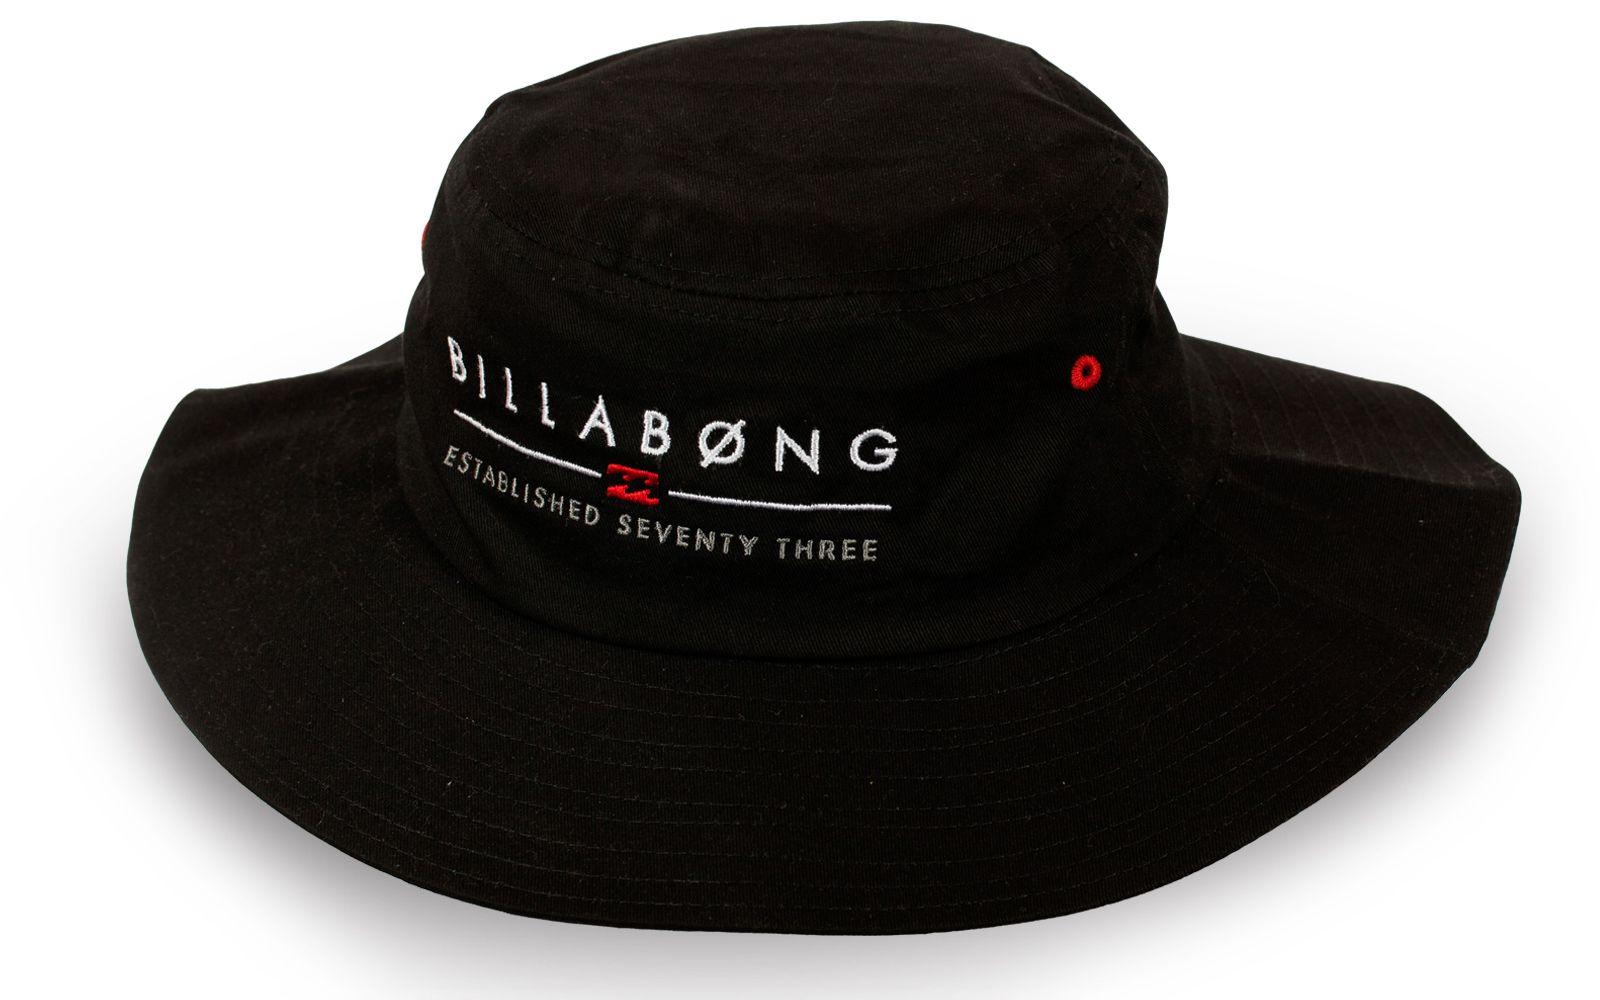 Широкополая мужская шляпа Billabong - купить с доставкой